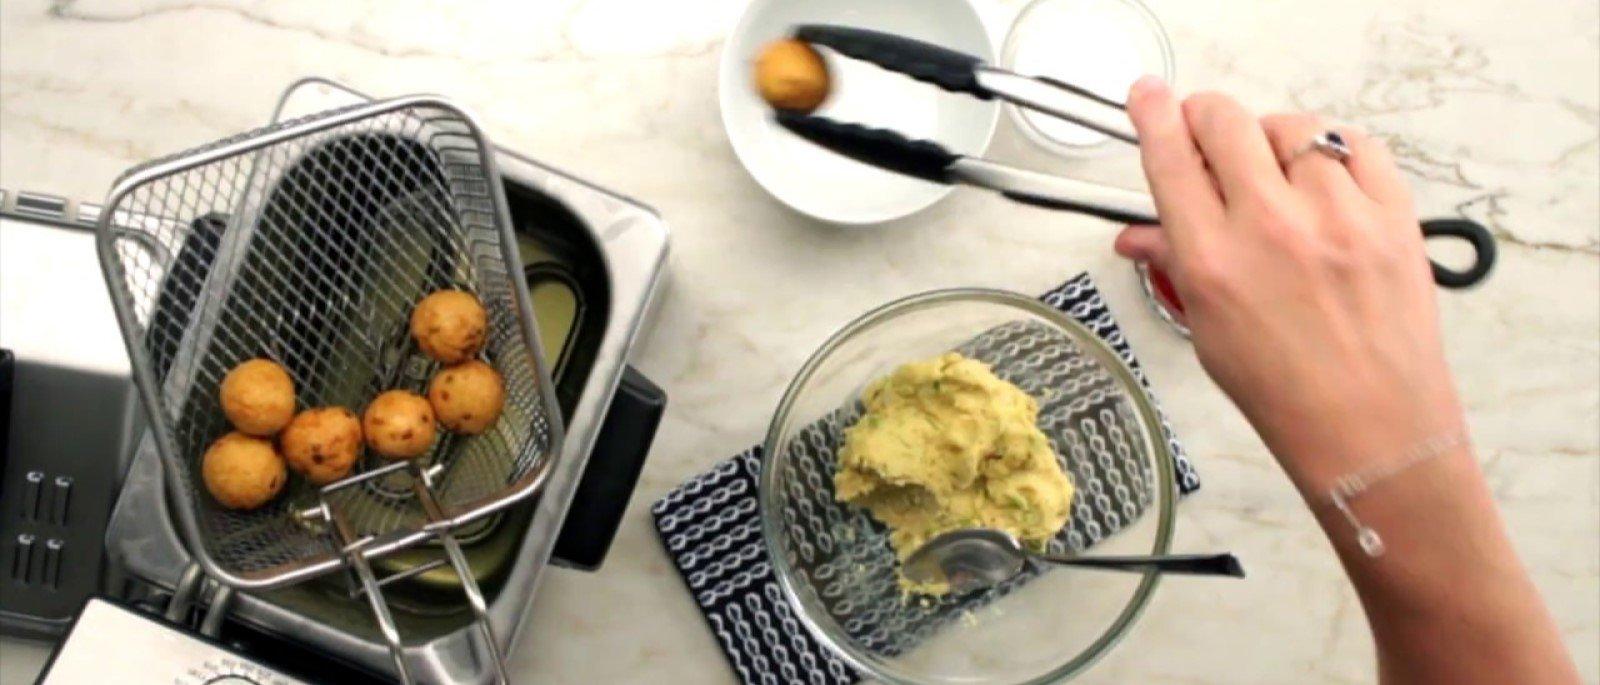 Deep-fryer-in-kitchen